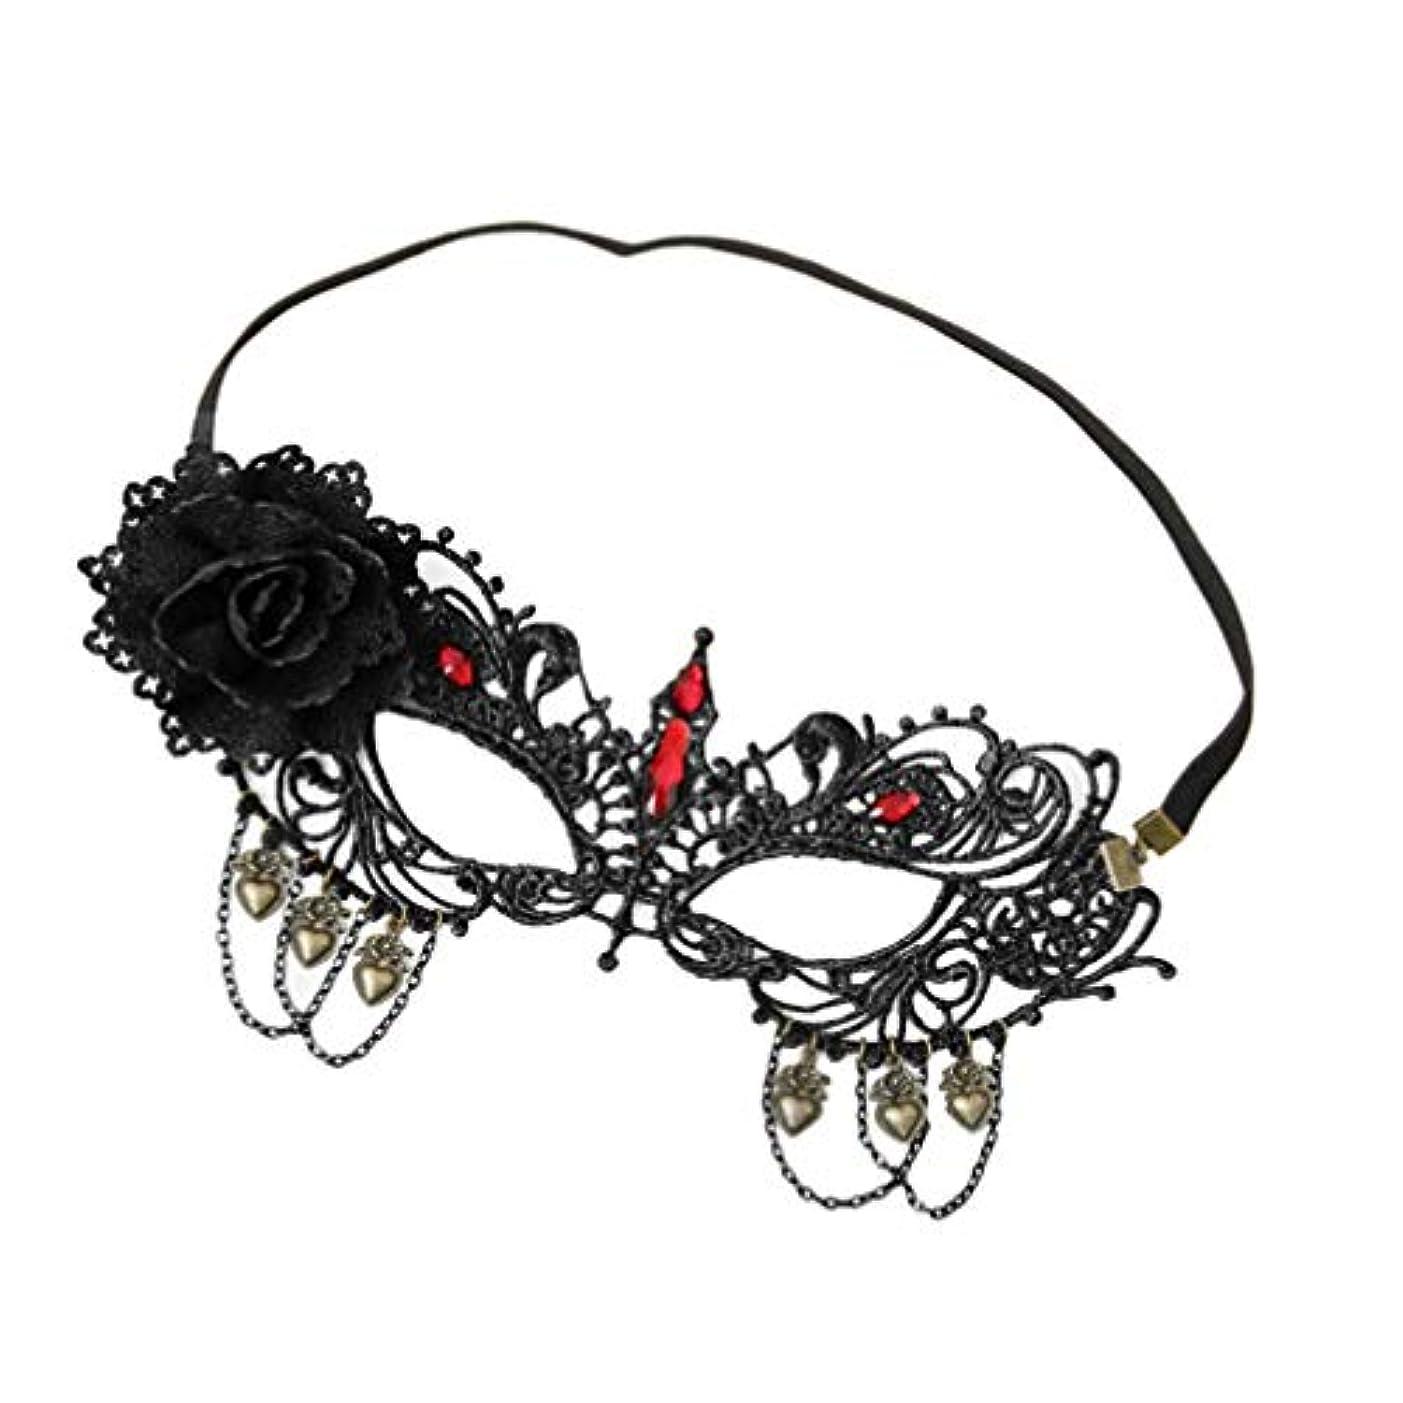 ガレージレコーダーミスペンドSUPVOX ラインストーン付きレースハーフフェイスマスクマスカレードパーティー仮装衣装ハロウィンのための花の調節可能なカットアウト